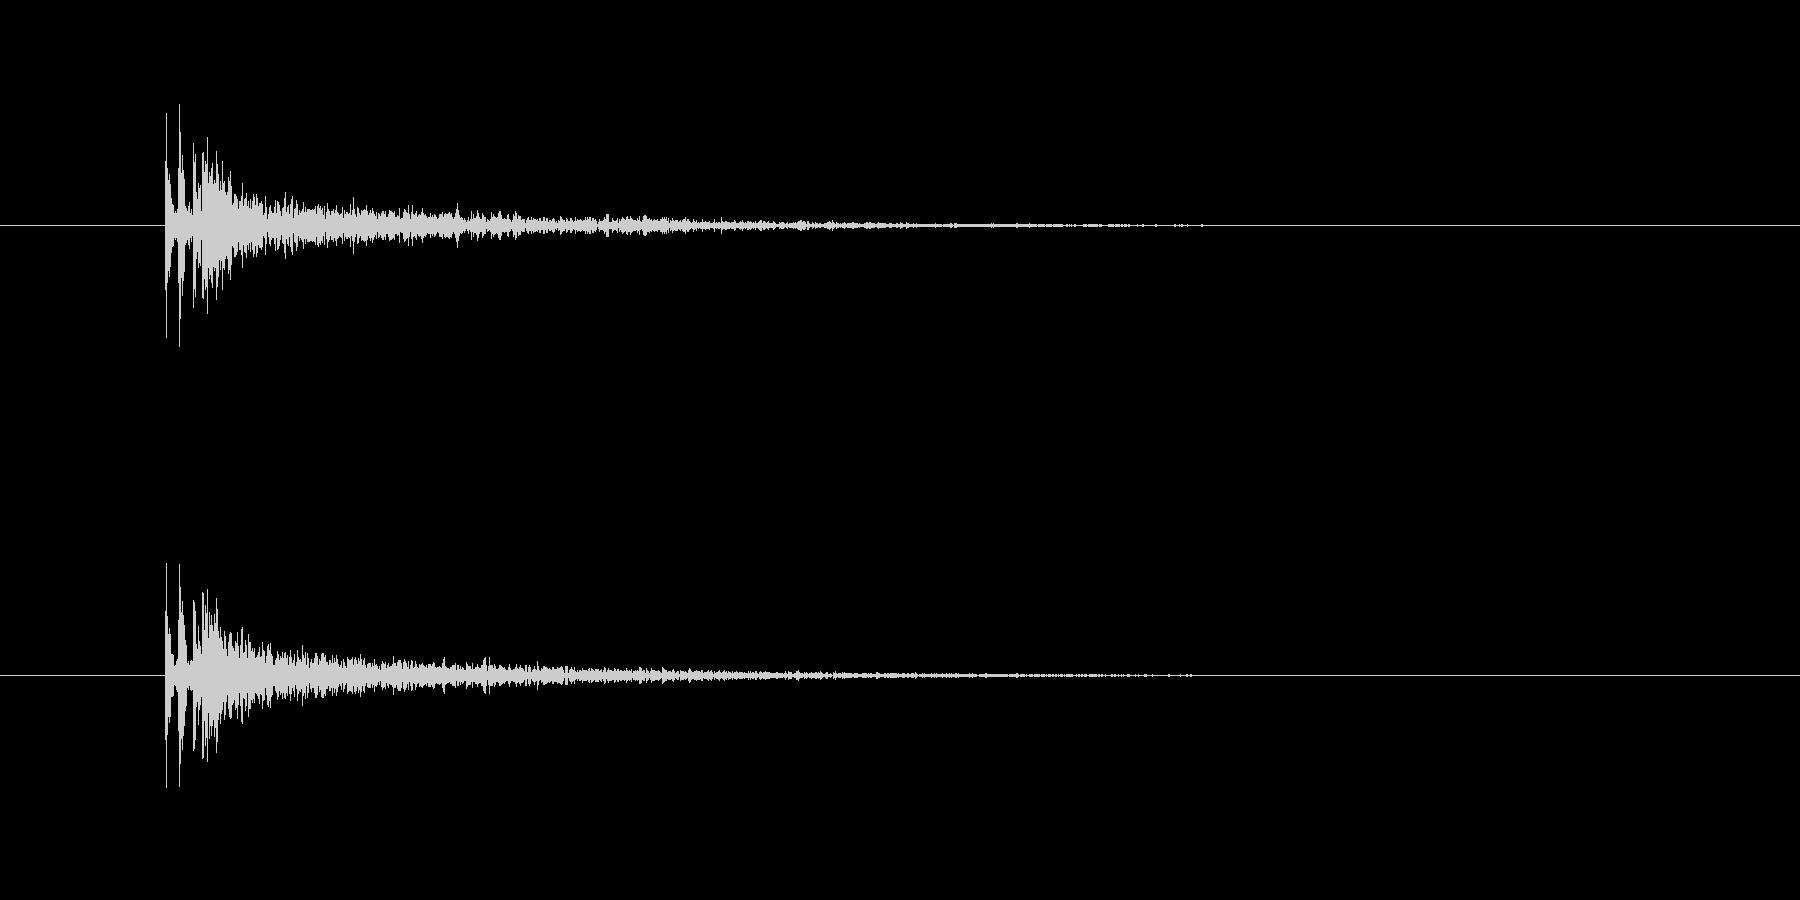 銃声(残響有り)の未再生の波形